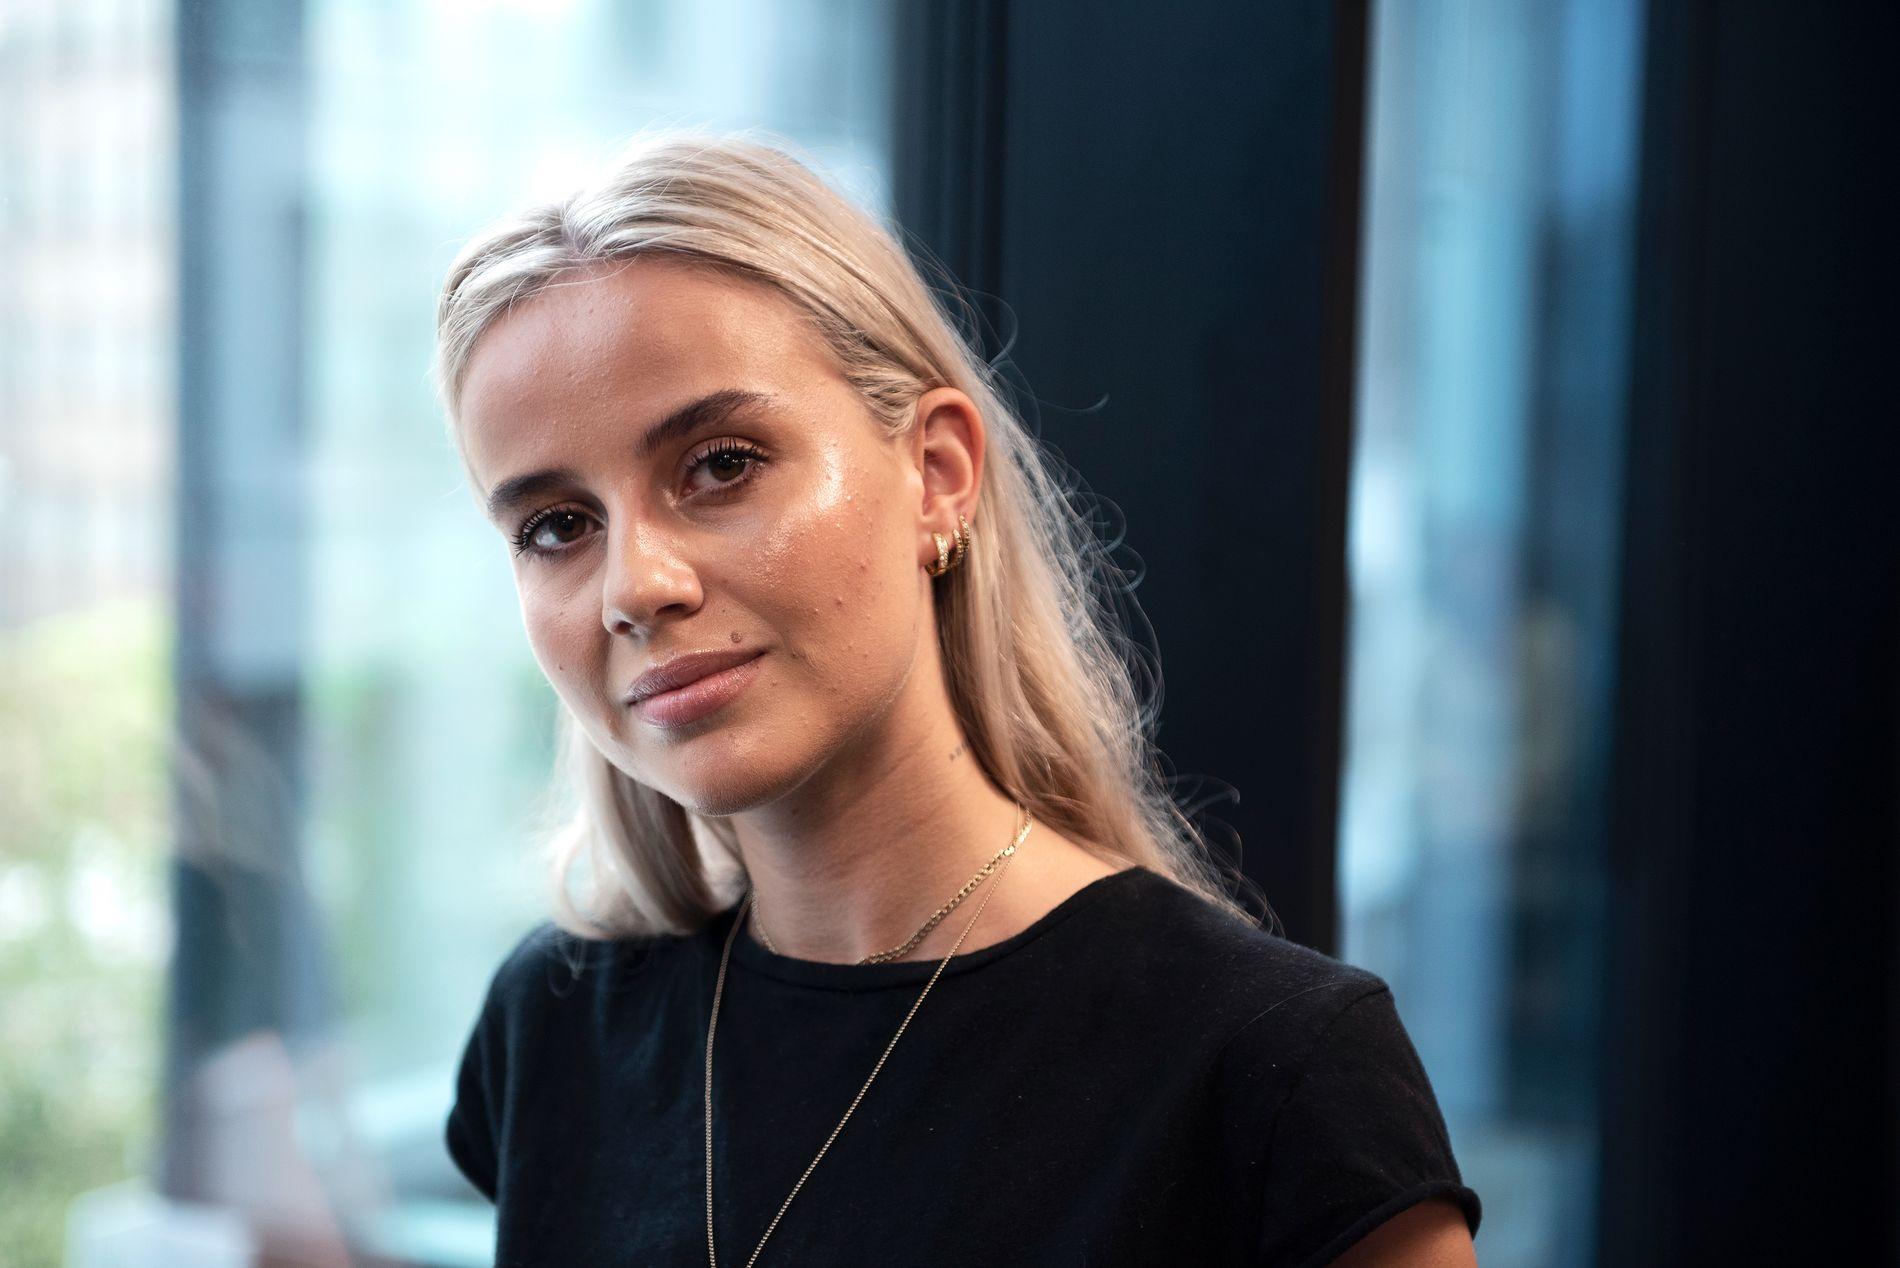 PÅ TUR: Anniken «Annijor» Jørgensen var en av influenserne som dro på sponsetur til Dubai.